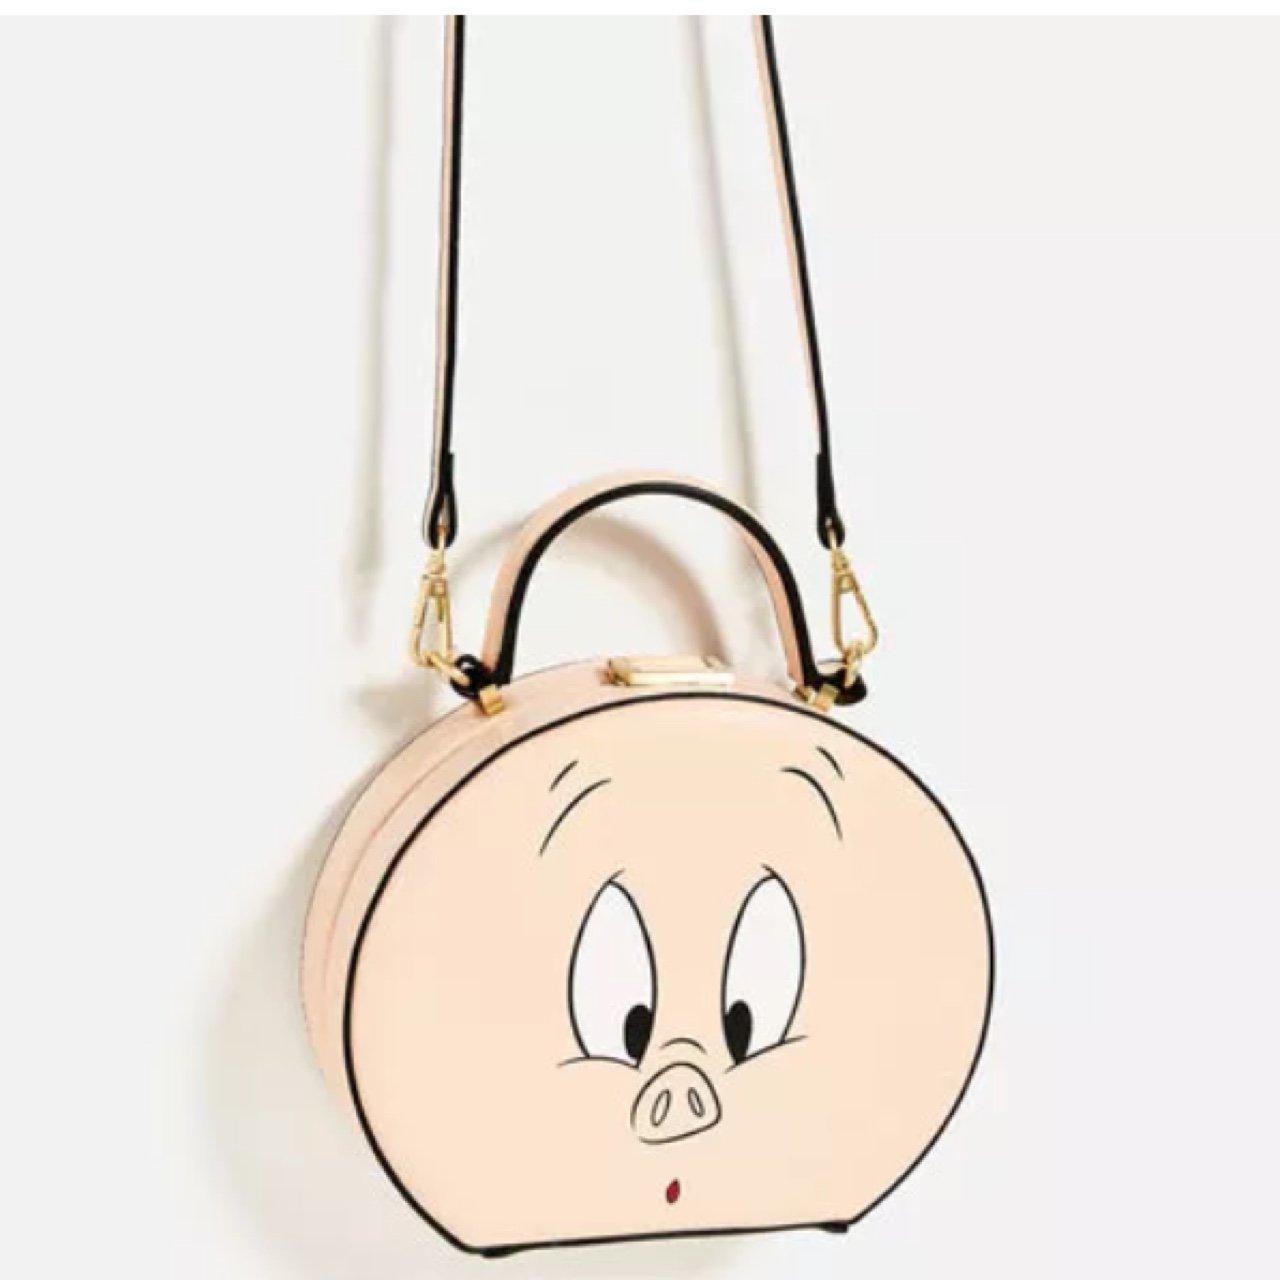 Porky the Pig Bag